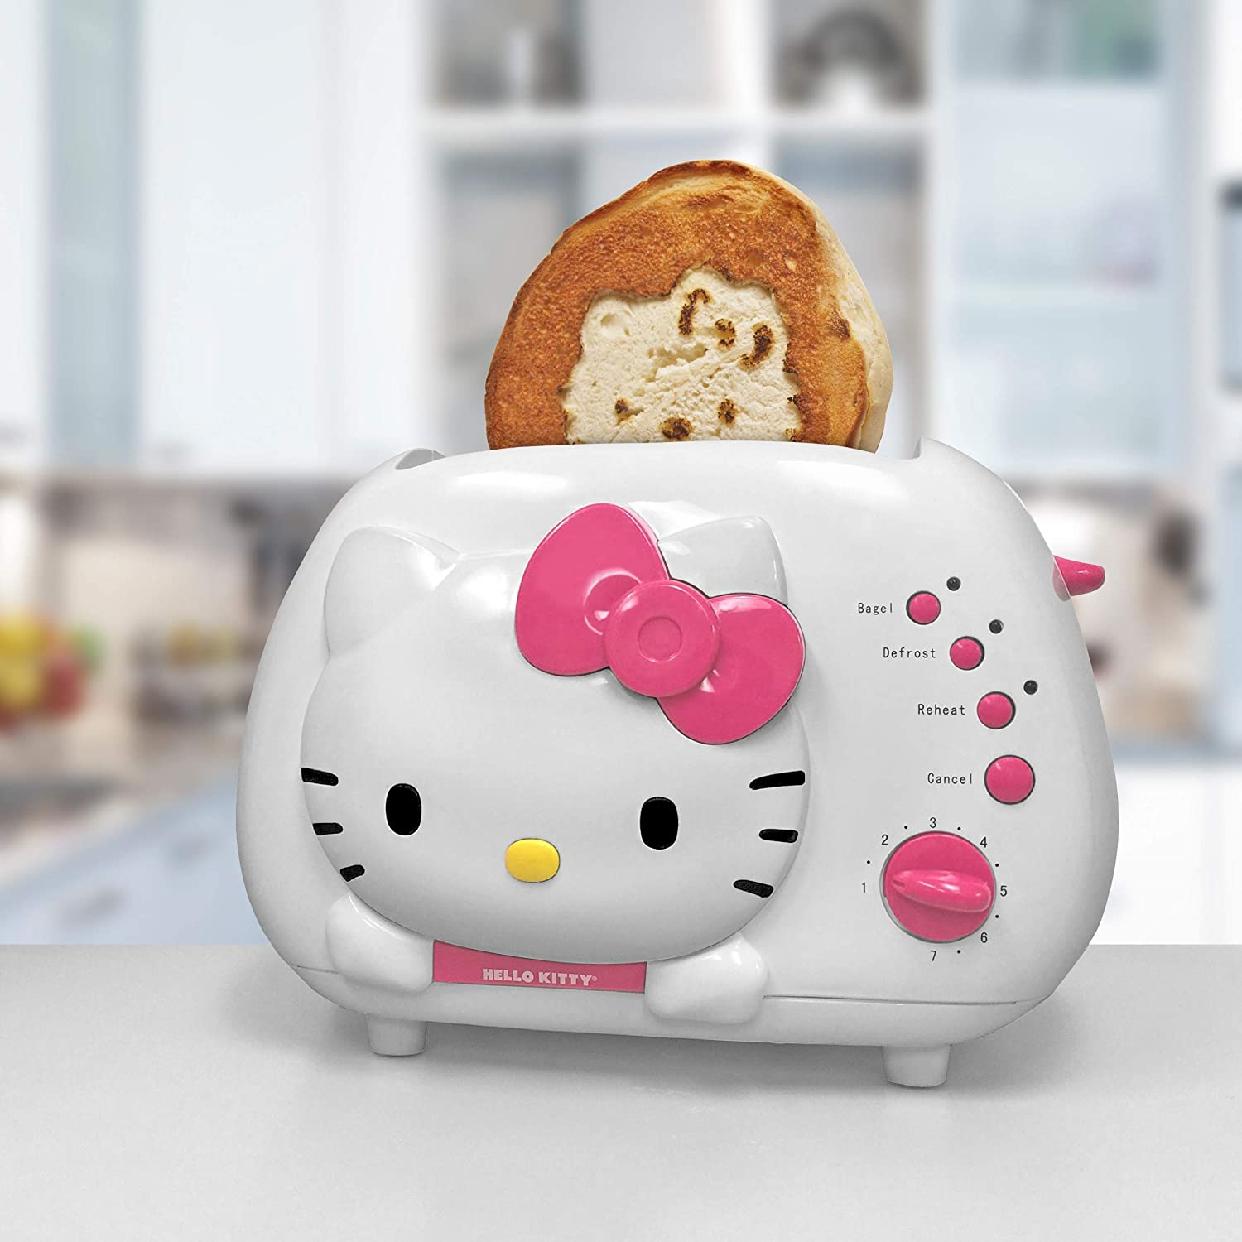 Hello Kitty(ハローキティ) ポップアップトースター 2-Slice Wide slot toaster  ホワイト KT5211の商品画像2